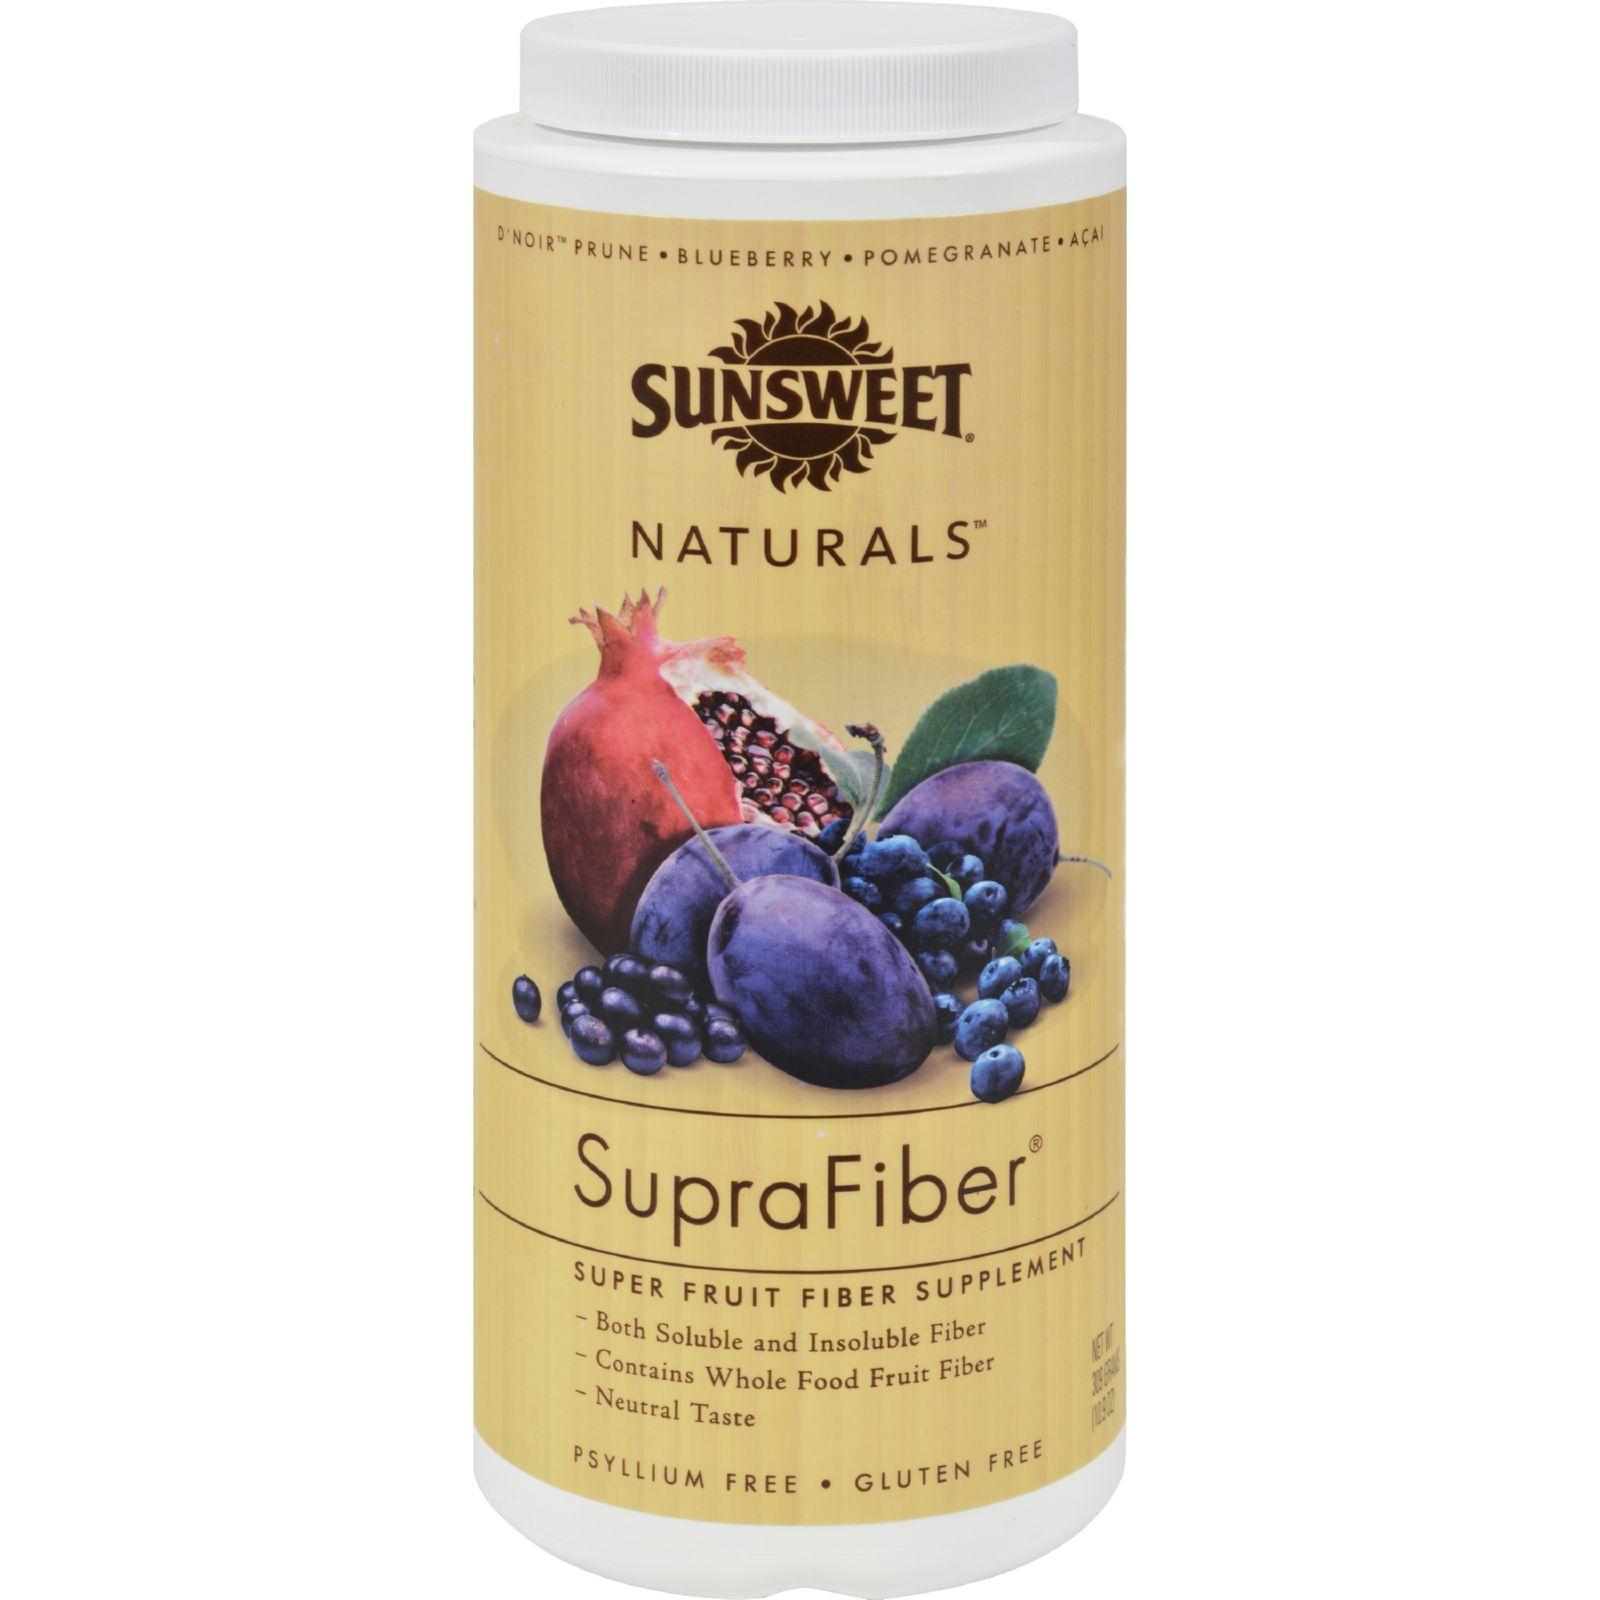 Sunsweet Naturals SupraFiber -- 10.6 oz - Vegan